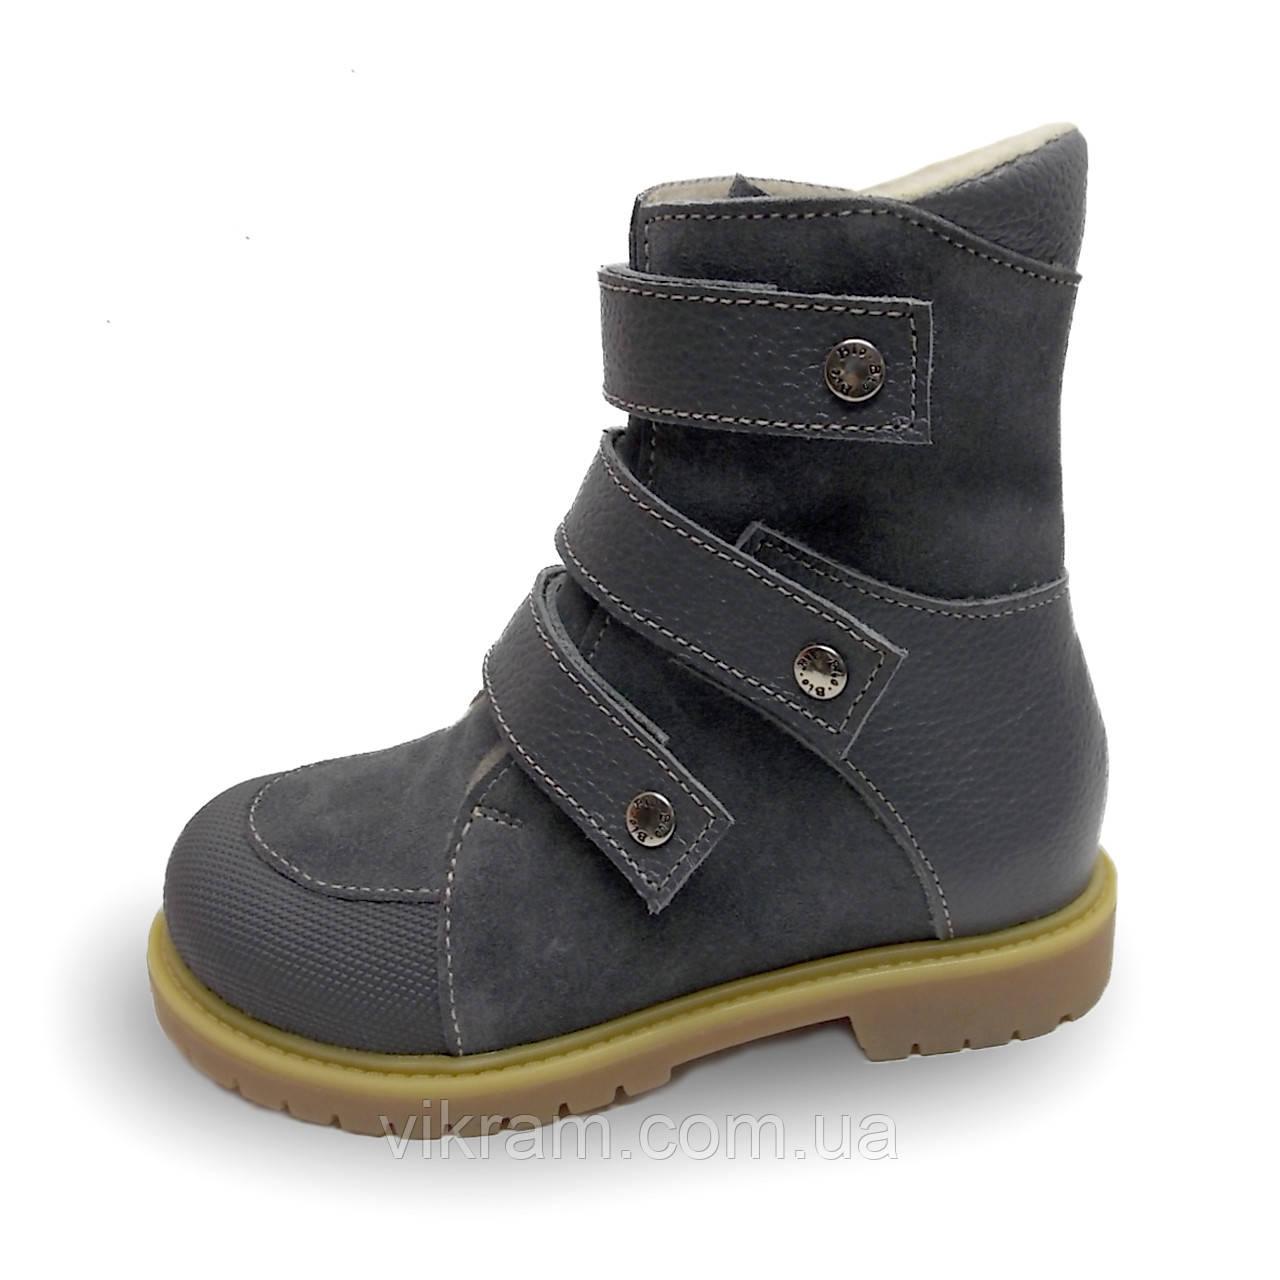 Зимние ортопедические ботинки с непромокаемым носиком ФИШКА 2 серые